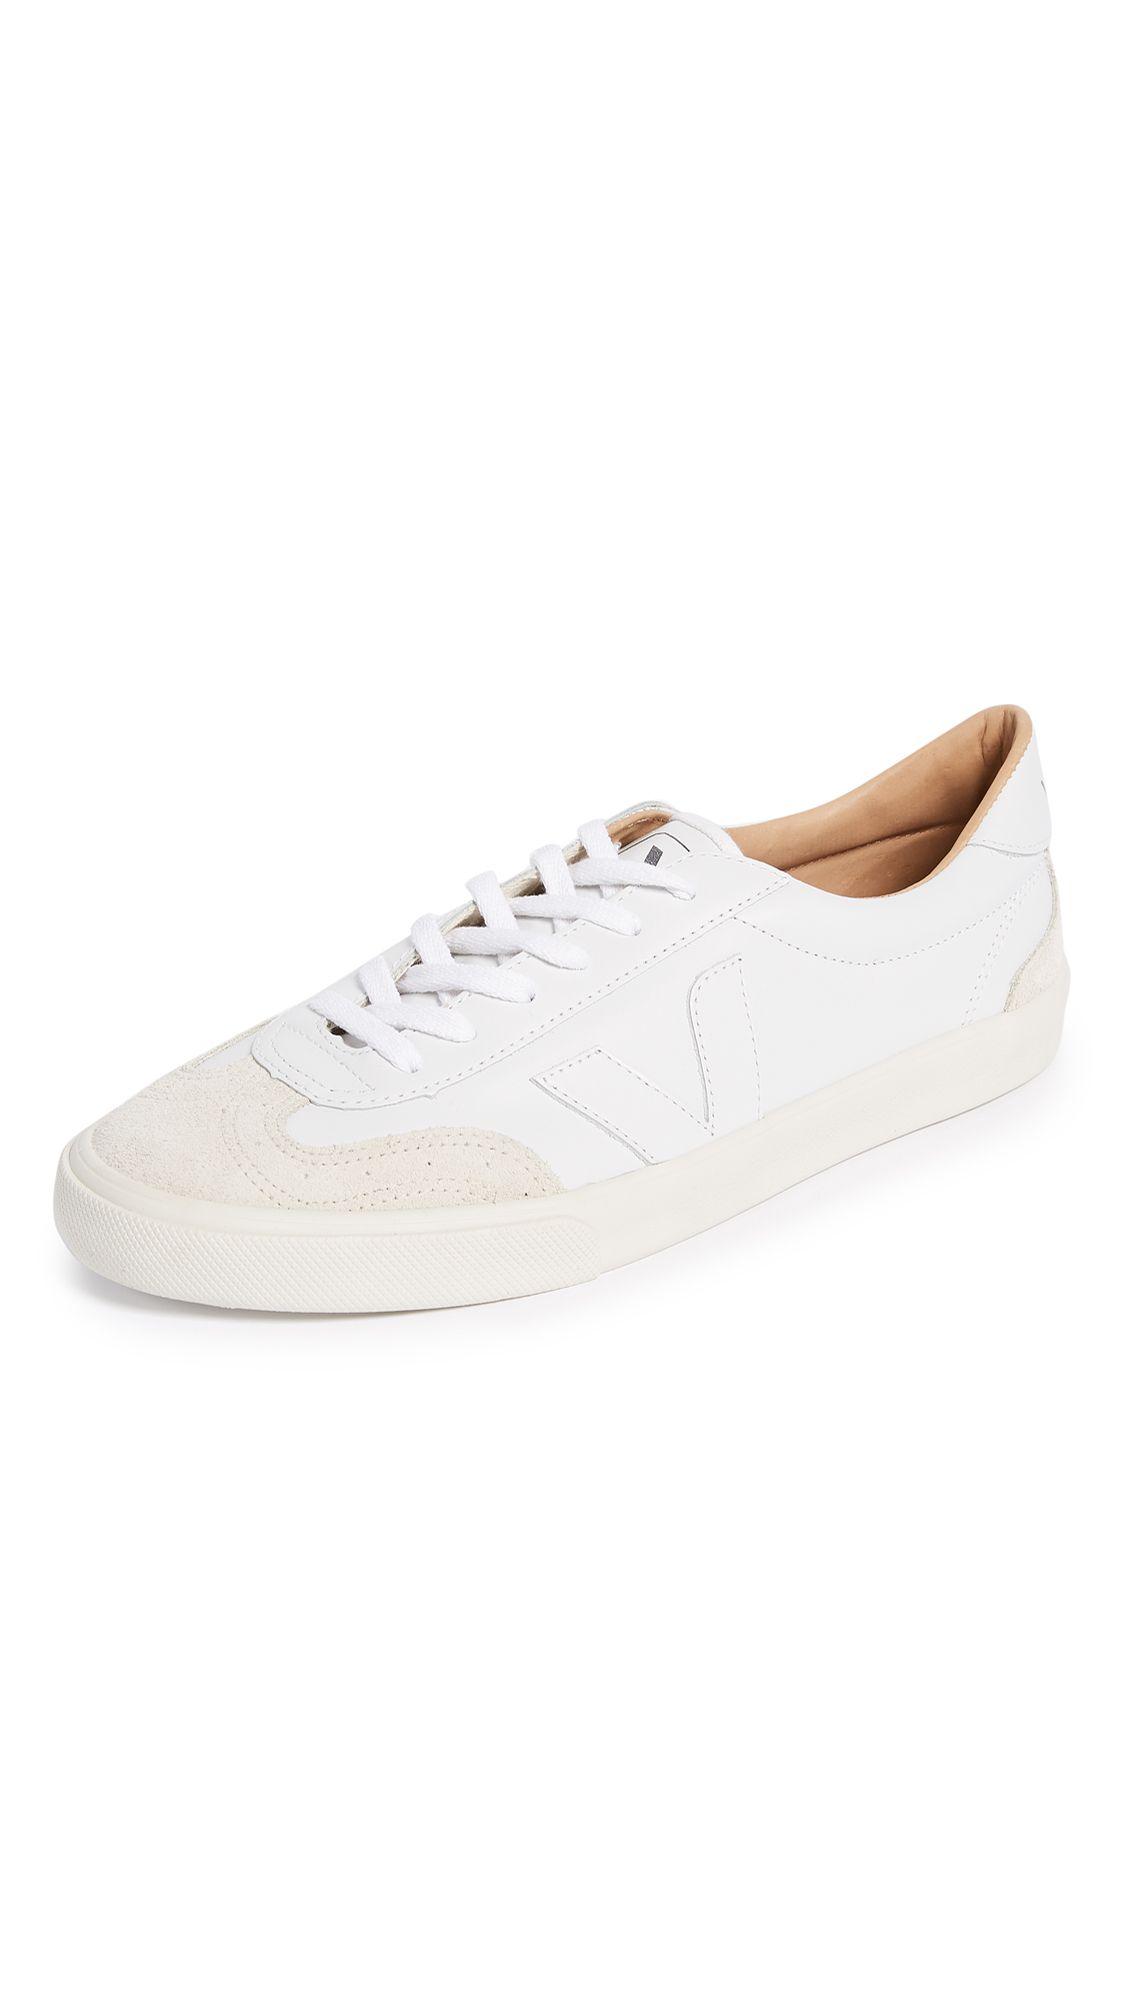 Holiday Bastille Leather SneakerVeja u7hIihOl